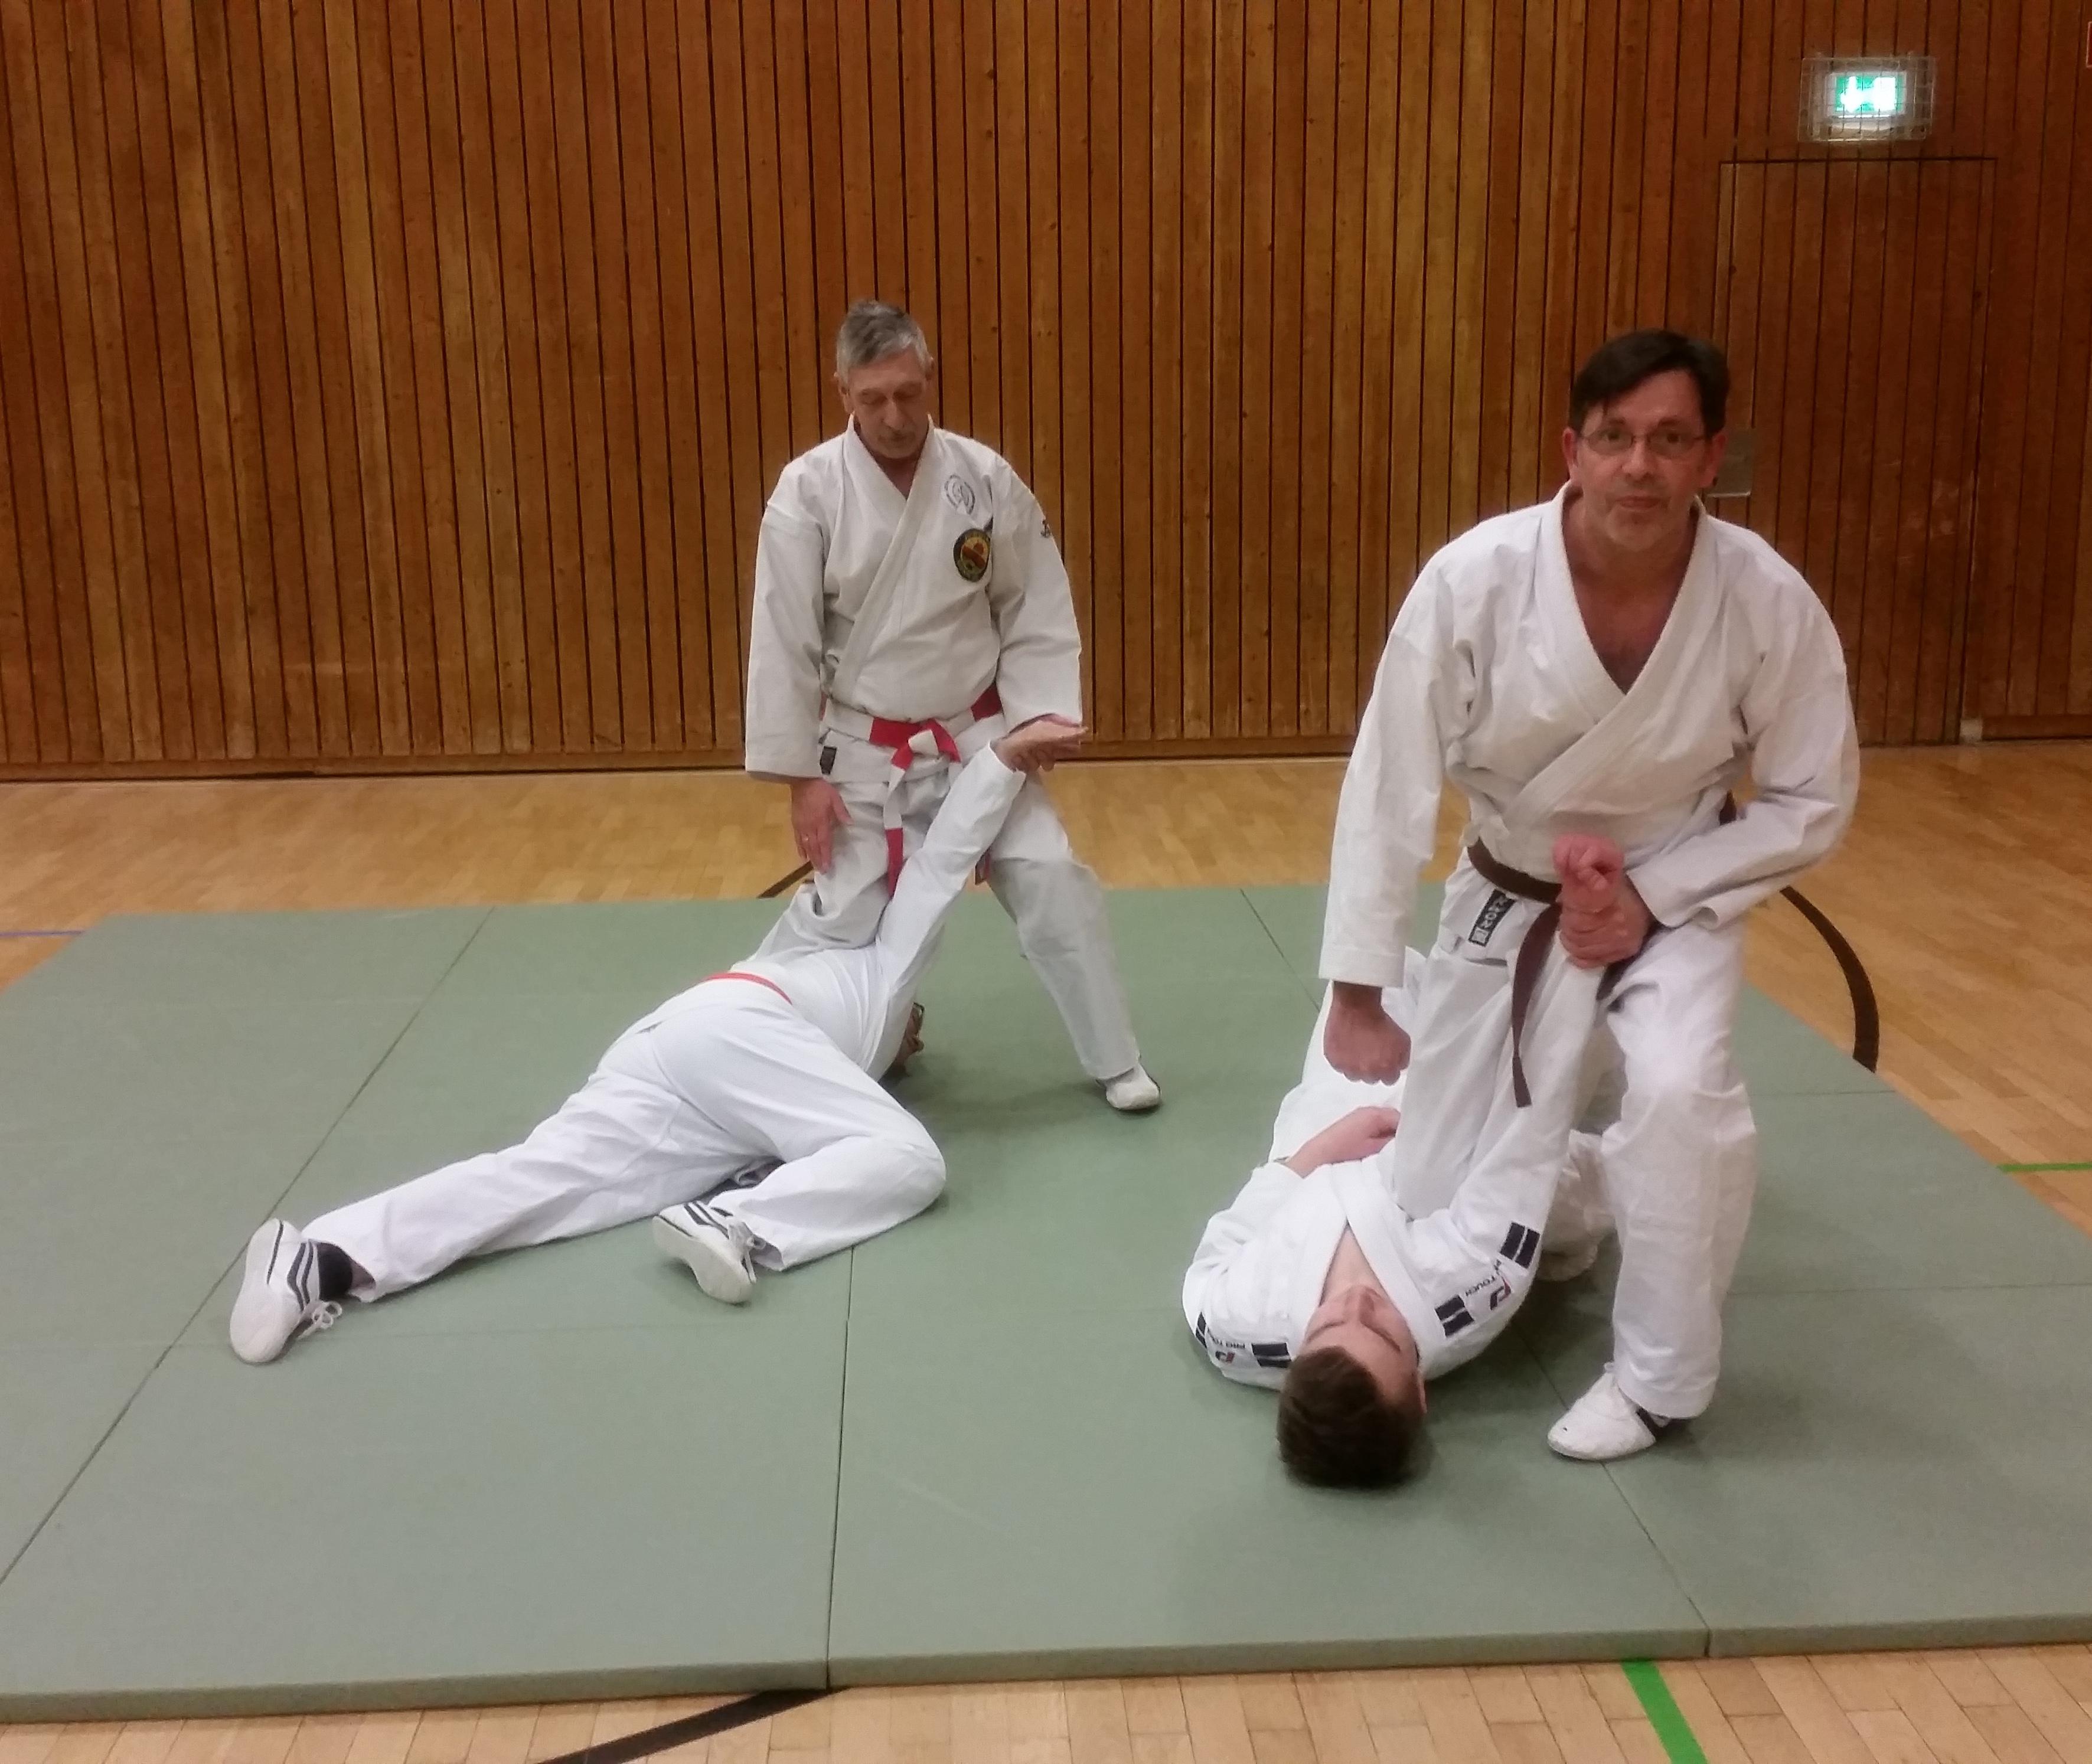 goshin-jitsu